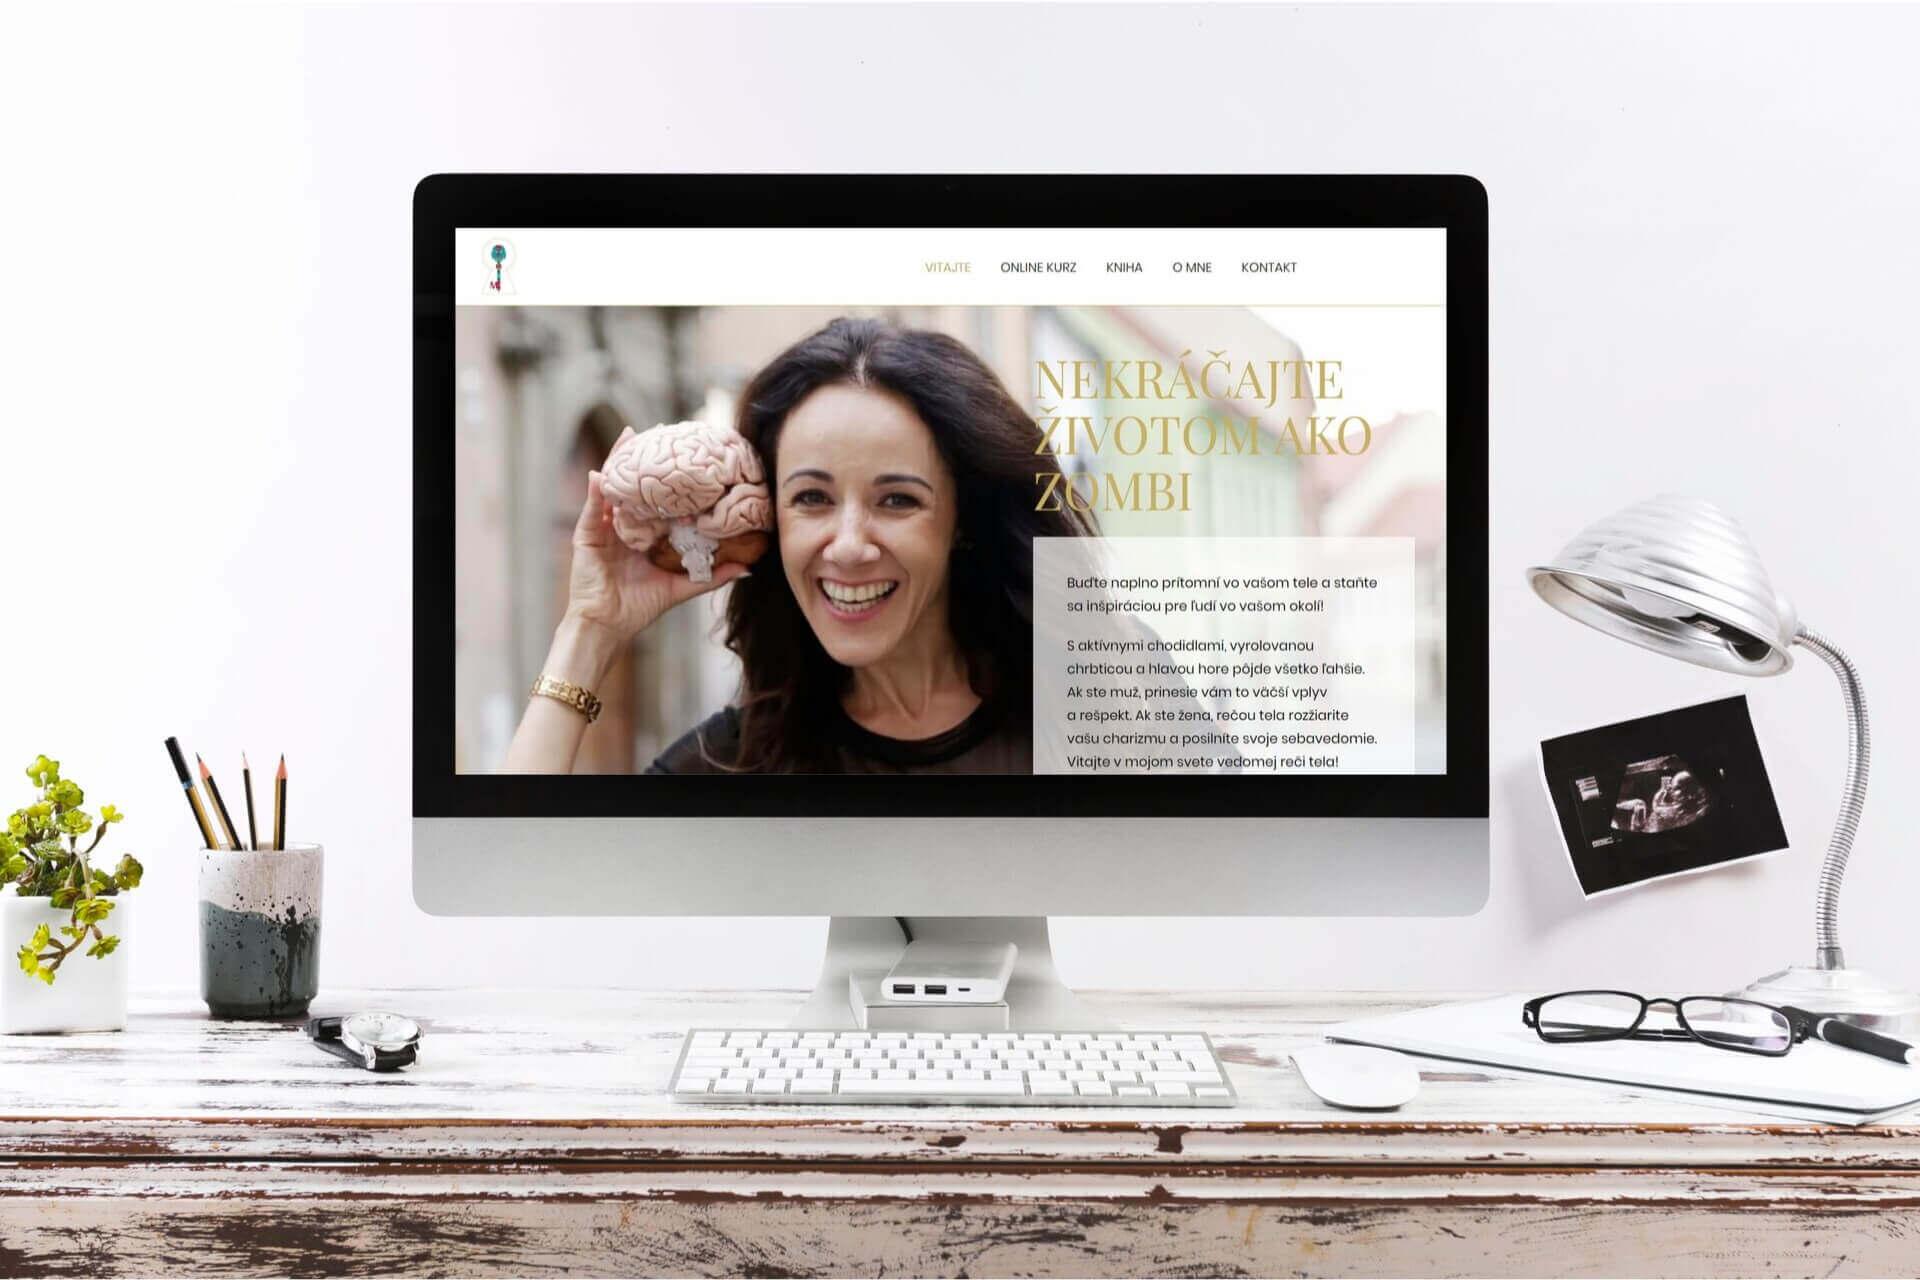 ludmila-hoosova-tvorbe-web-stranok-online-marketing-konzultacie-tajomstvo-reci-tela-monika-stehlikova-bodytalks